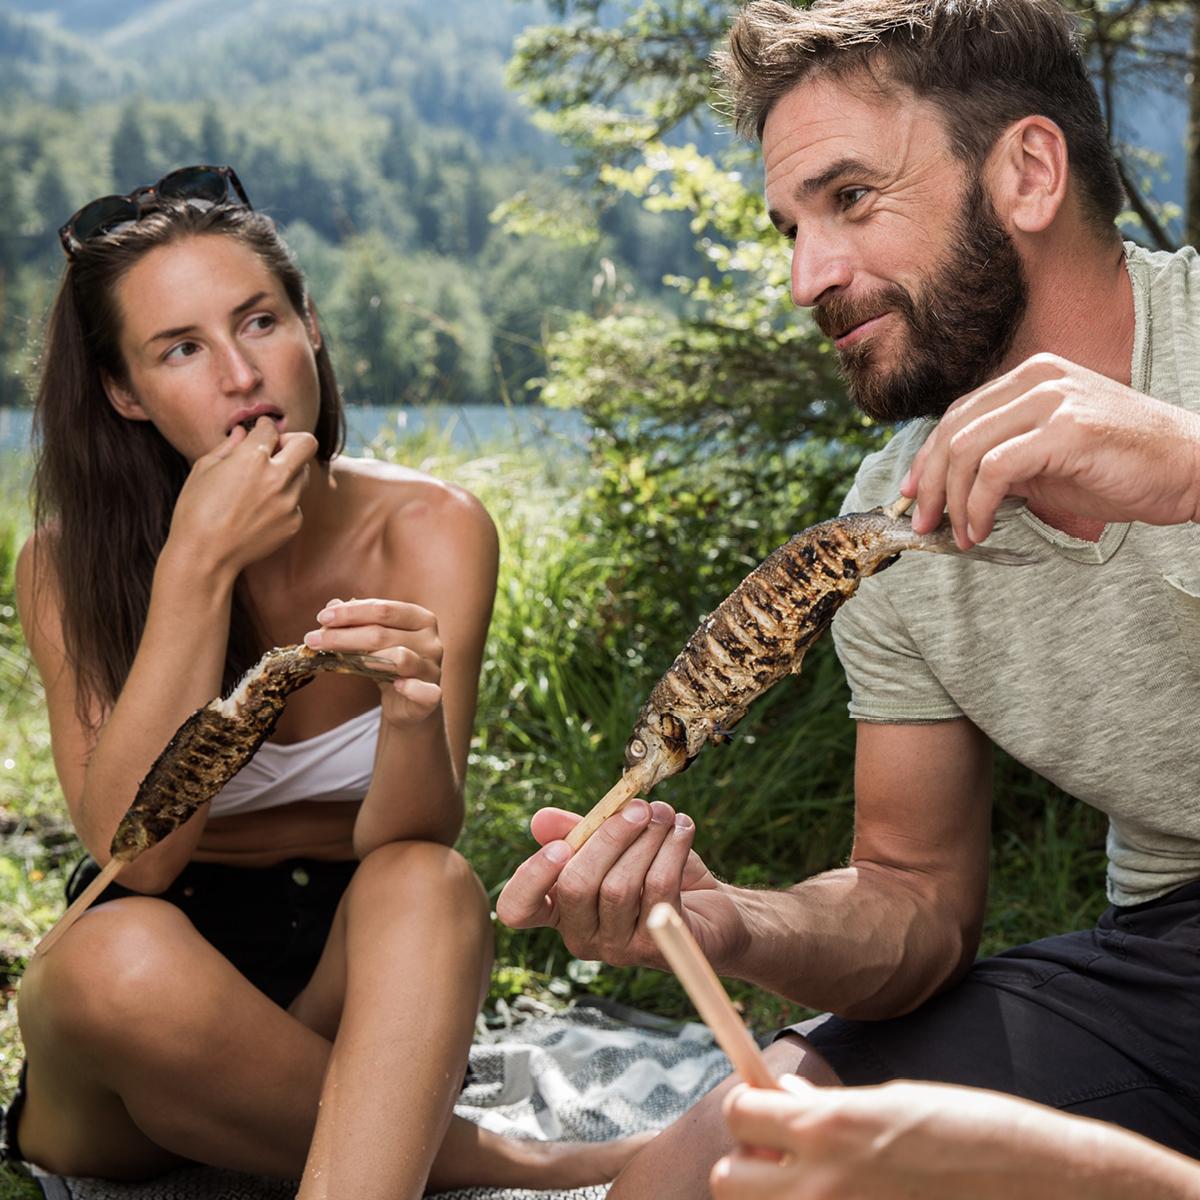 Das Bild zeigt einen Mann und eine Frau, die sich an einem Seeufer ihre Steckerlfische schmecken lassen.